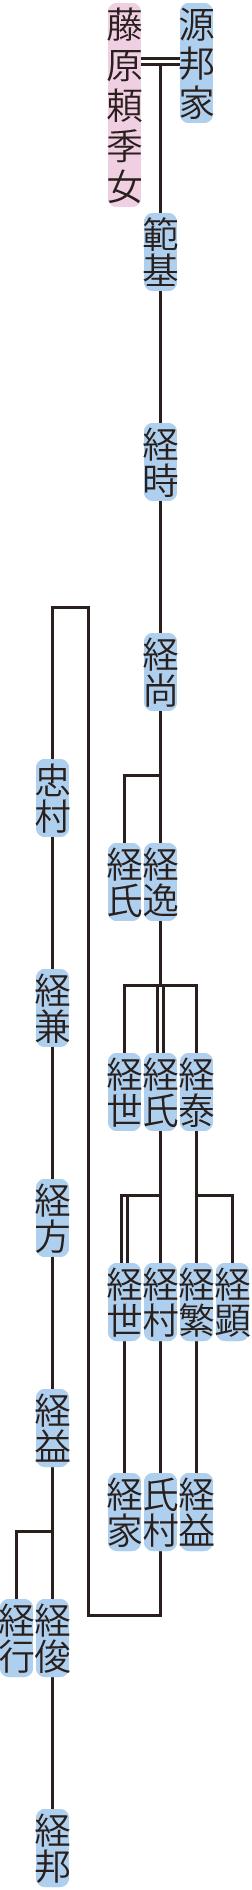 源経時の系図